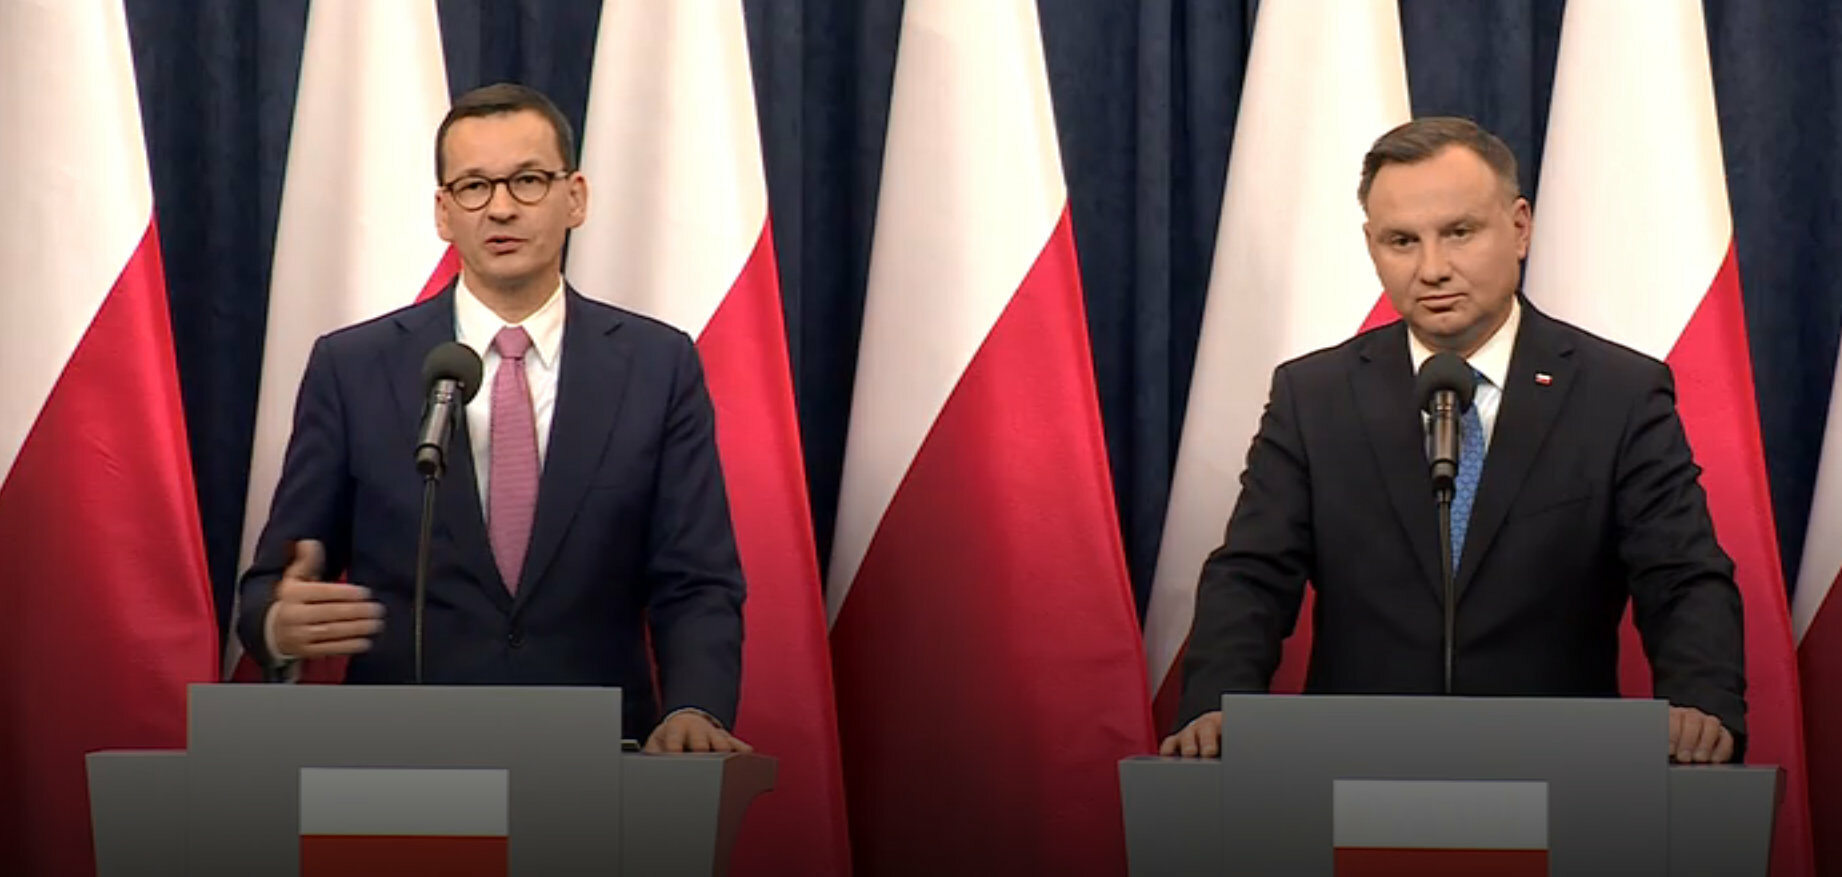 Prezydent poinformował, że podpisał nowelizację ustawy przyznającej Telewizji Polskiej i Polskiemu Radiu prawie 2 mld zł rekompensaty.